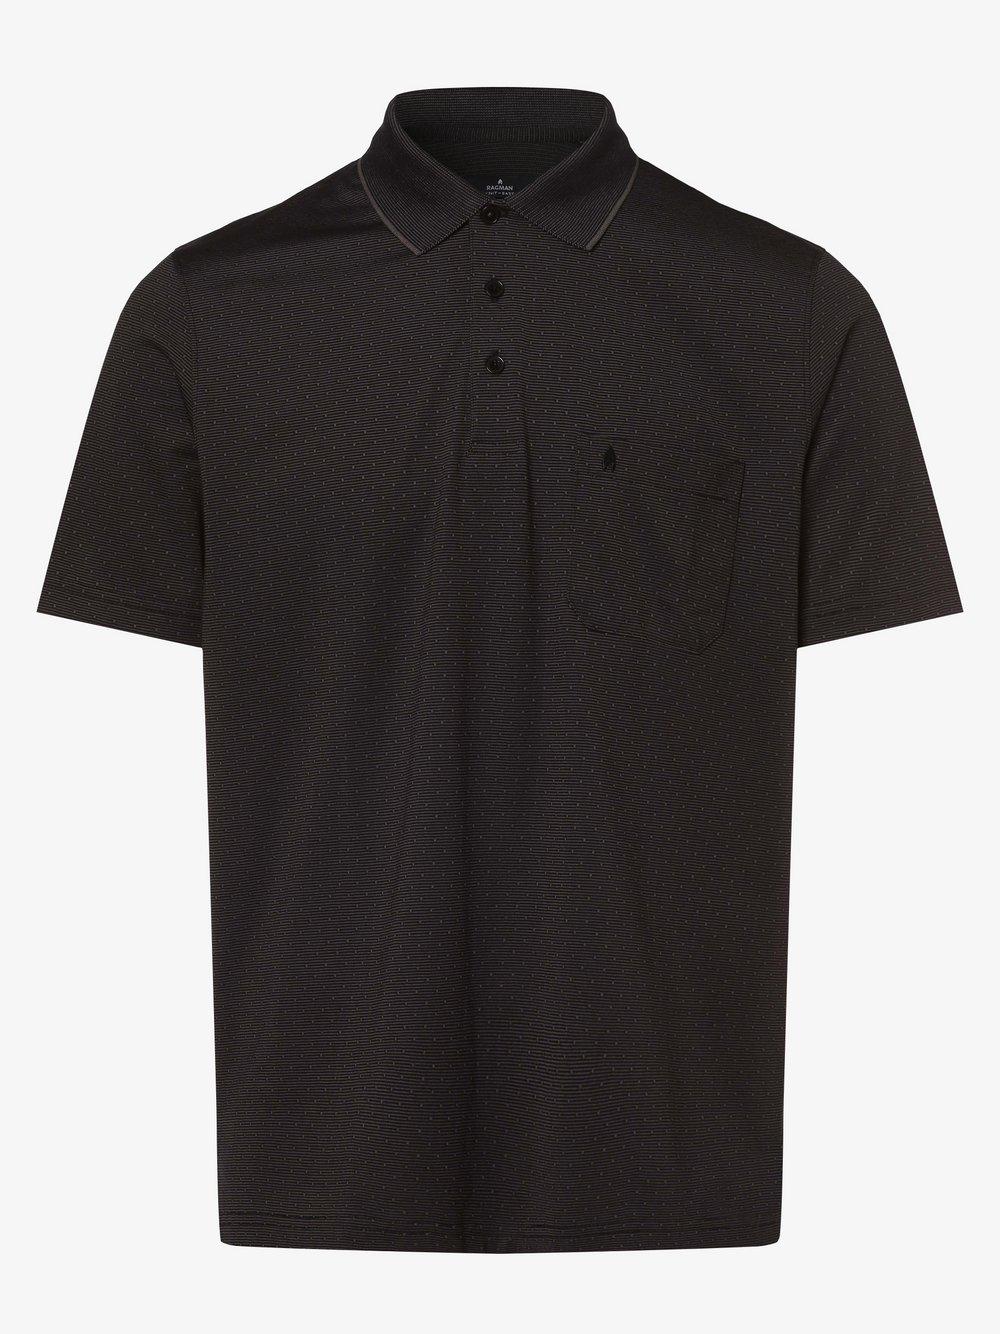 Ragman – Męska koszulka polo, czarny Van Graaf 467738-0002-09990